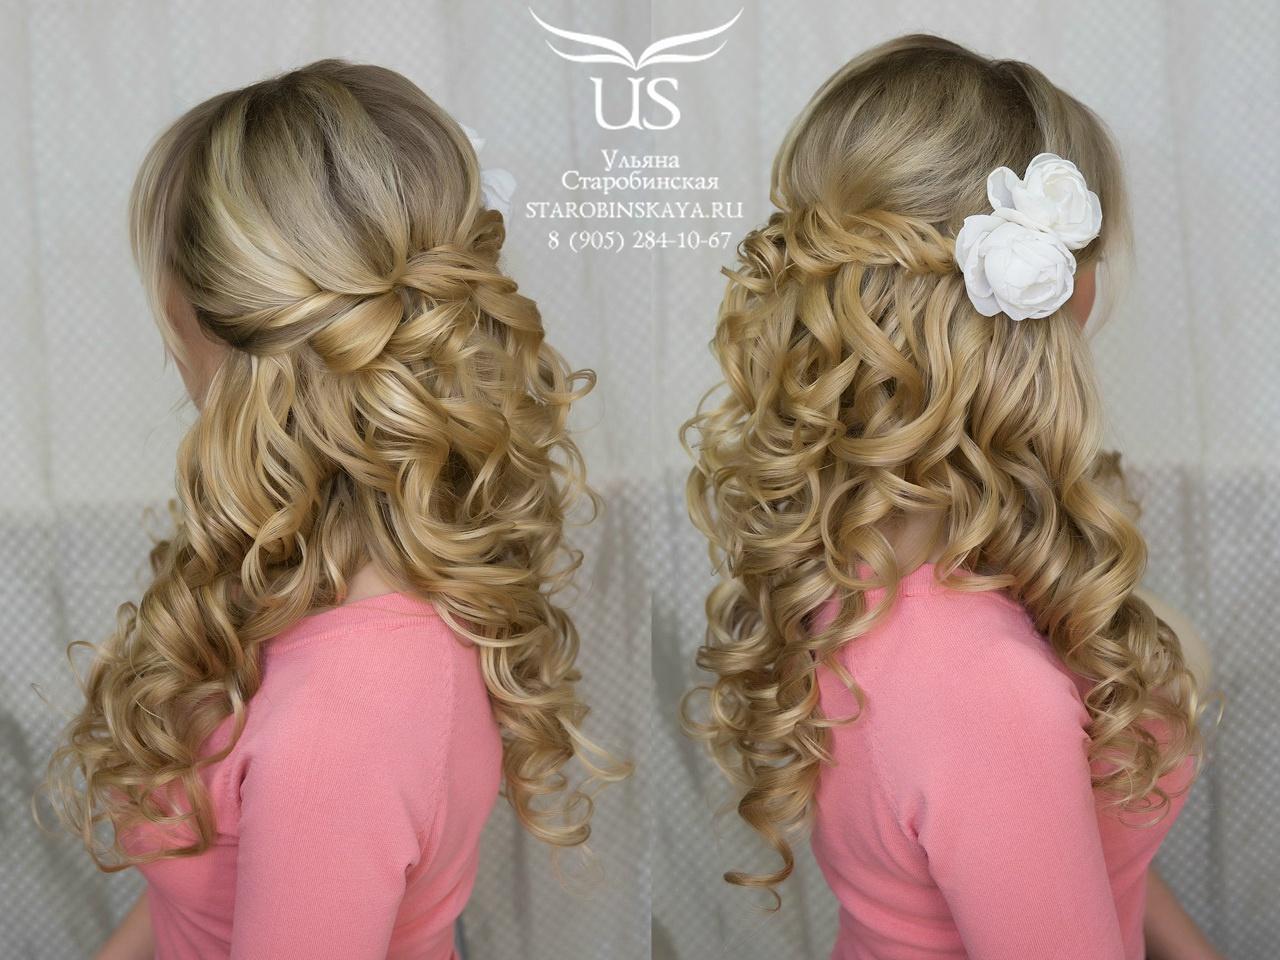 Красивые прически на средние волосы с плетением и с локонами